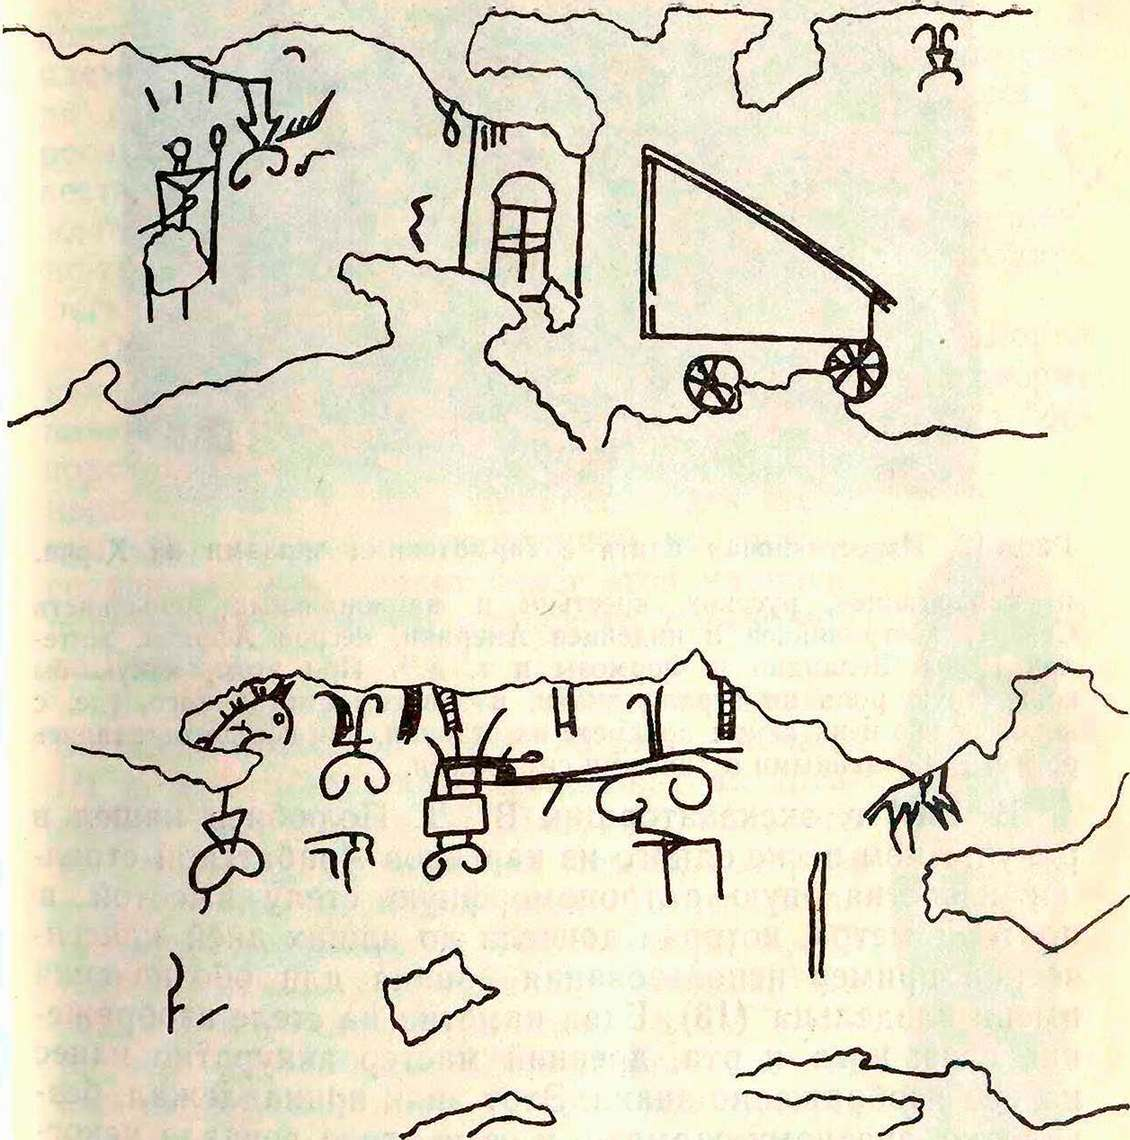 Рис. 11. Граффити на штукатурке одной из построек Неаполиса (Симферополь).